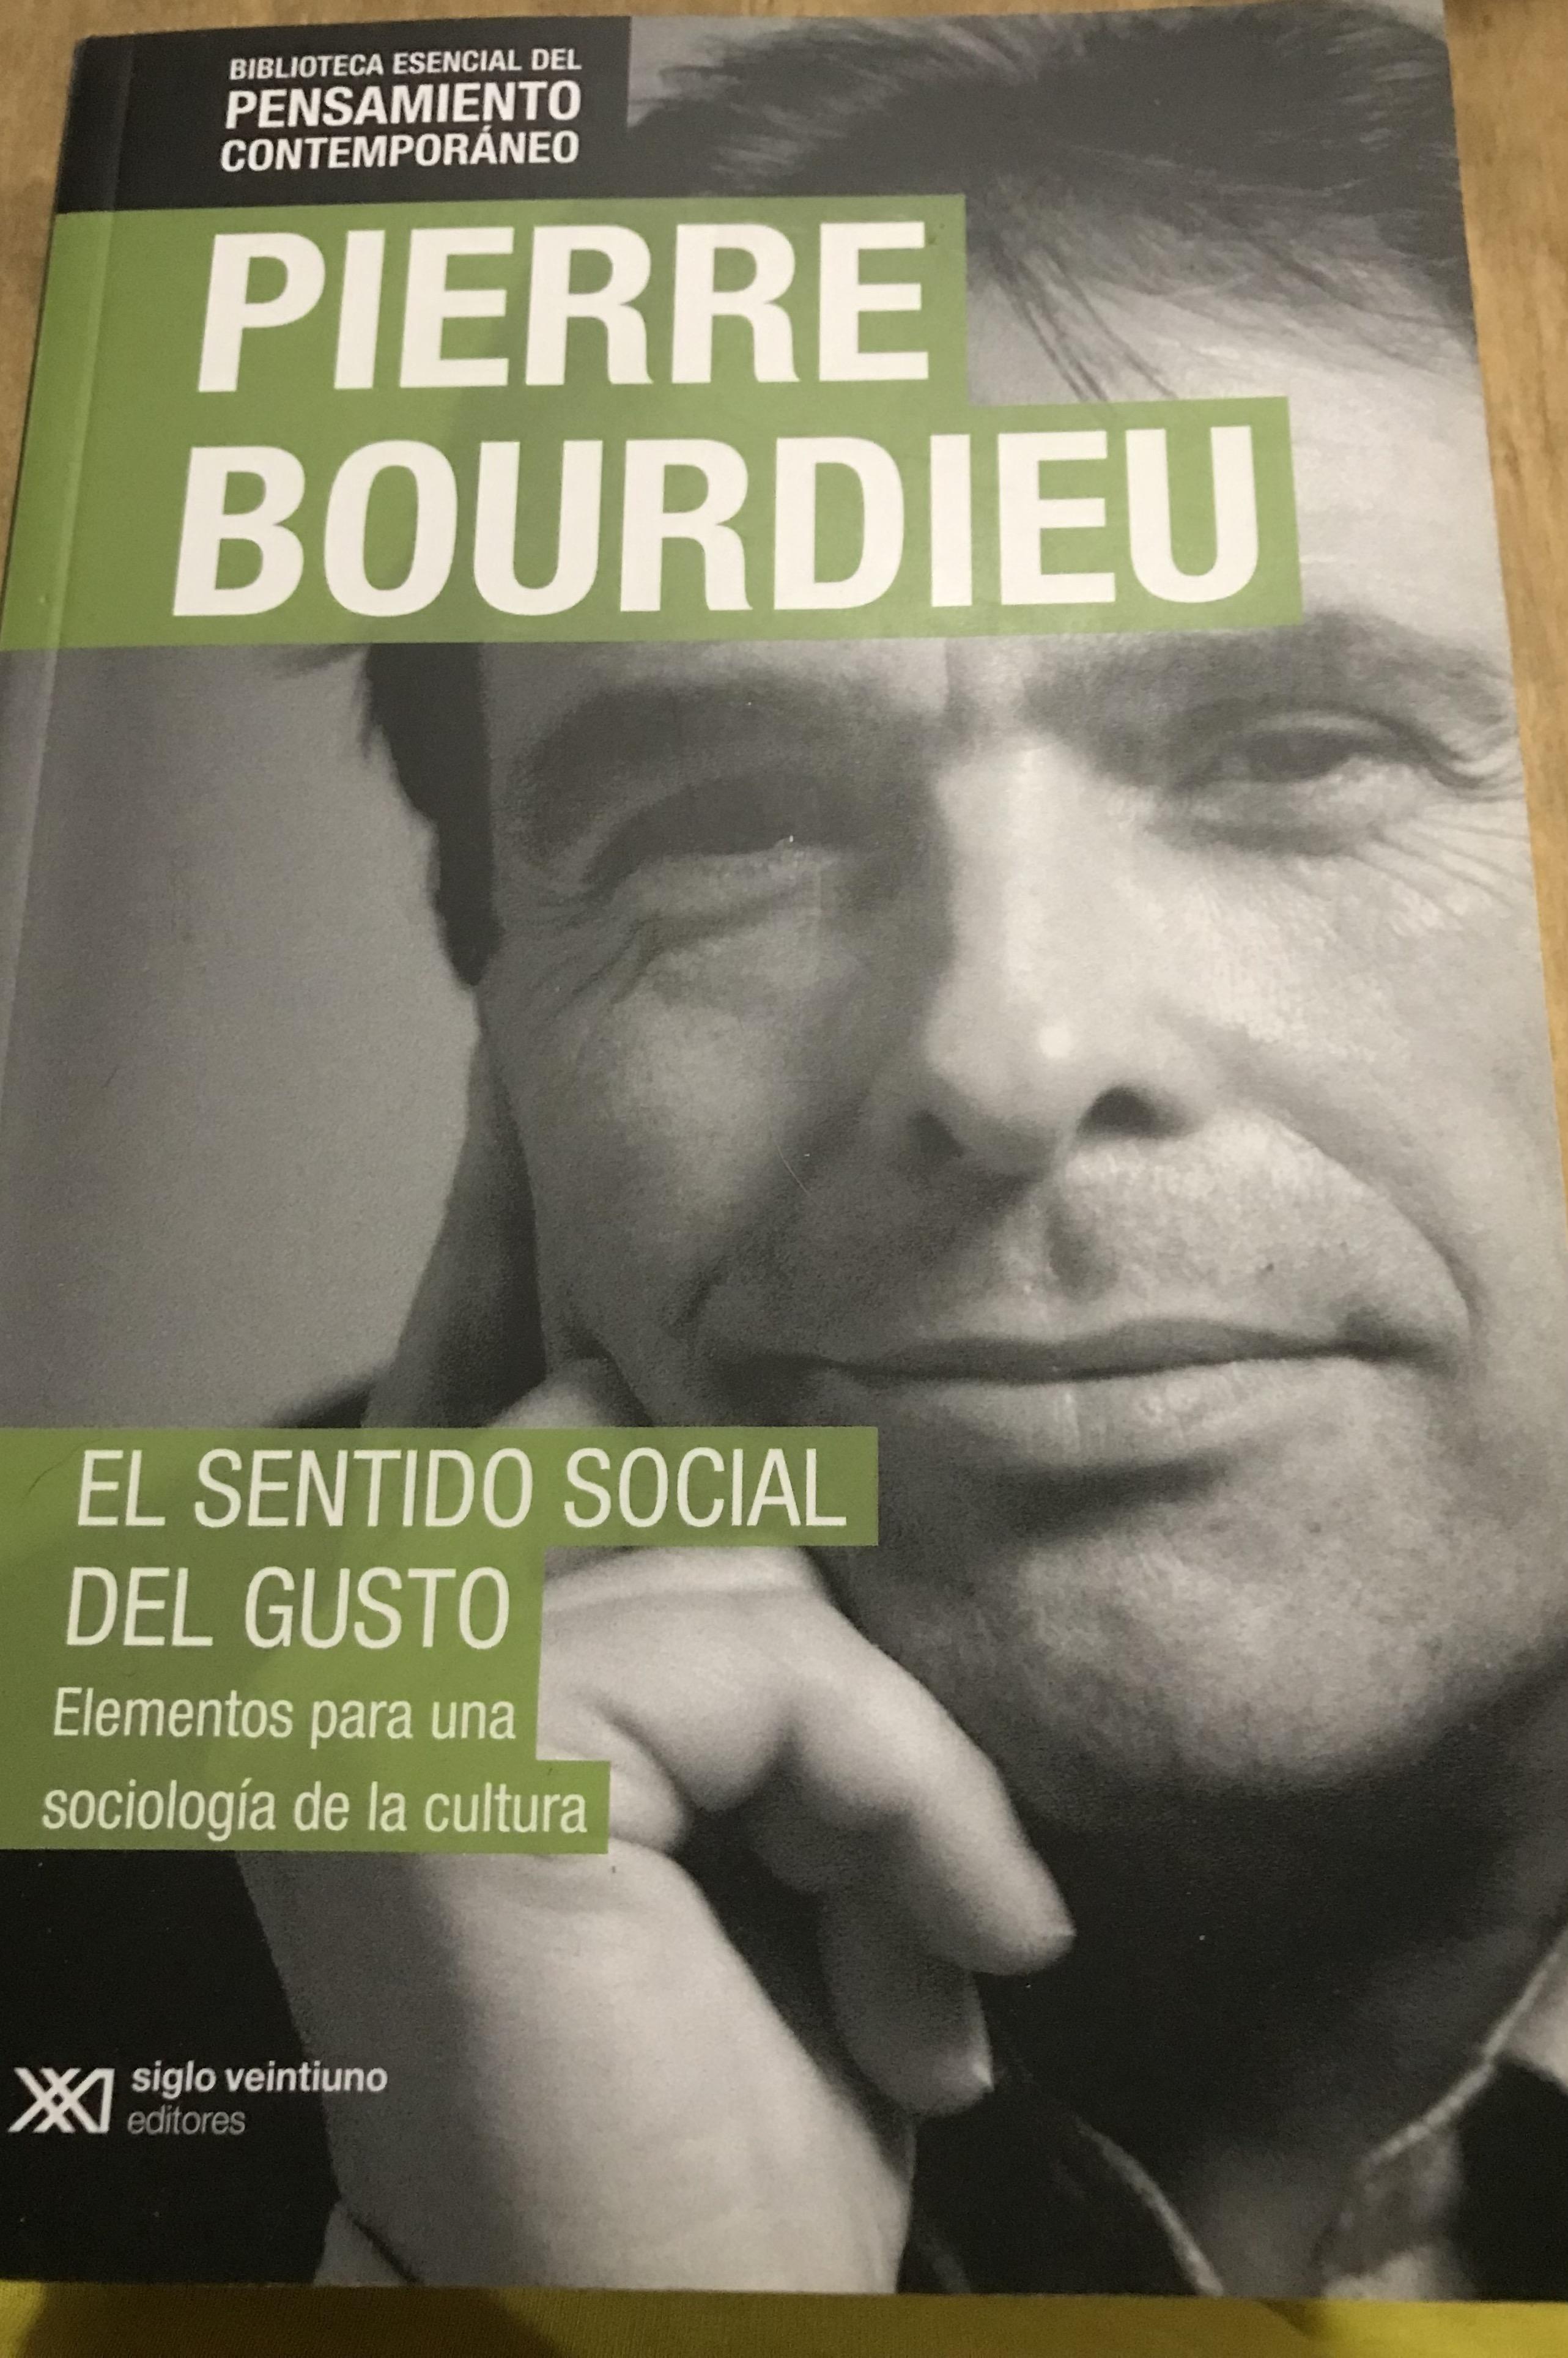 El sentido social del gusto